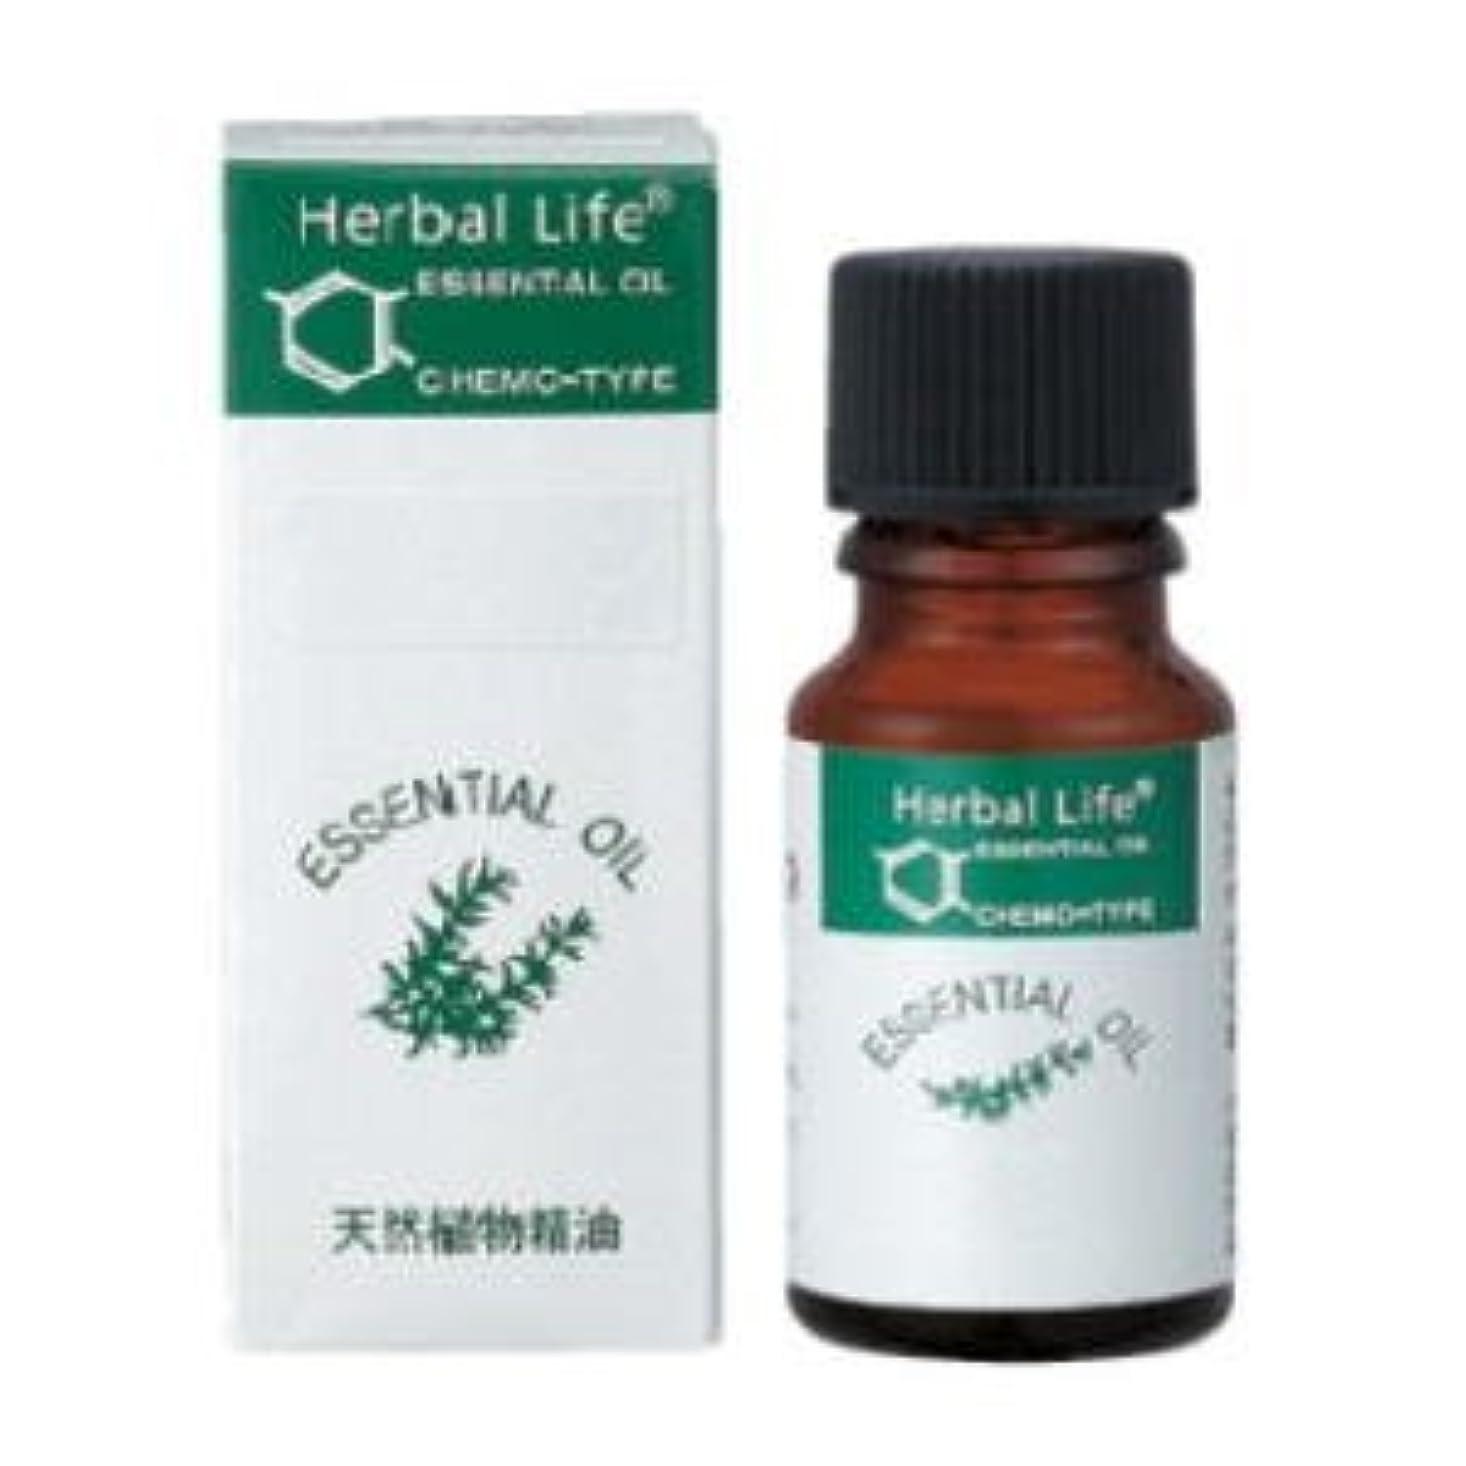 修正するパールコメント生活の木 トンカビーンズAbs.10ml エッセンシャルオイル/精油